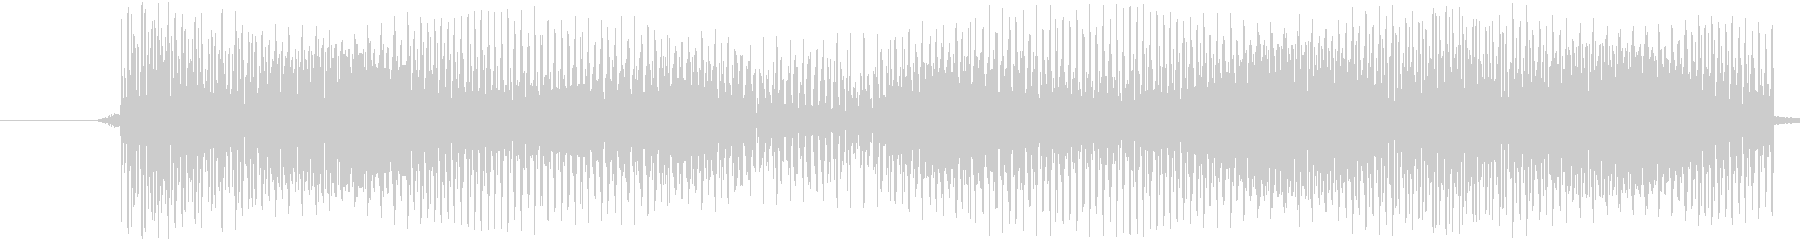 【電子音/決定キャンセル/ビー/E】の未再生の波形